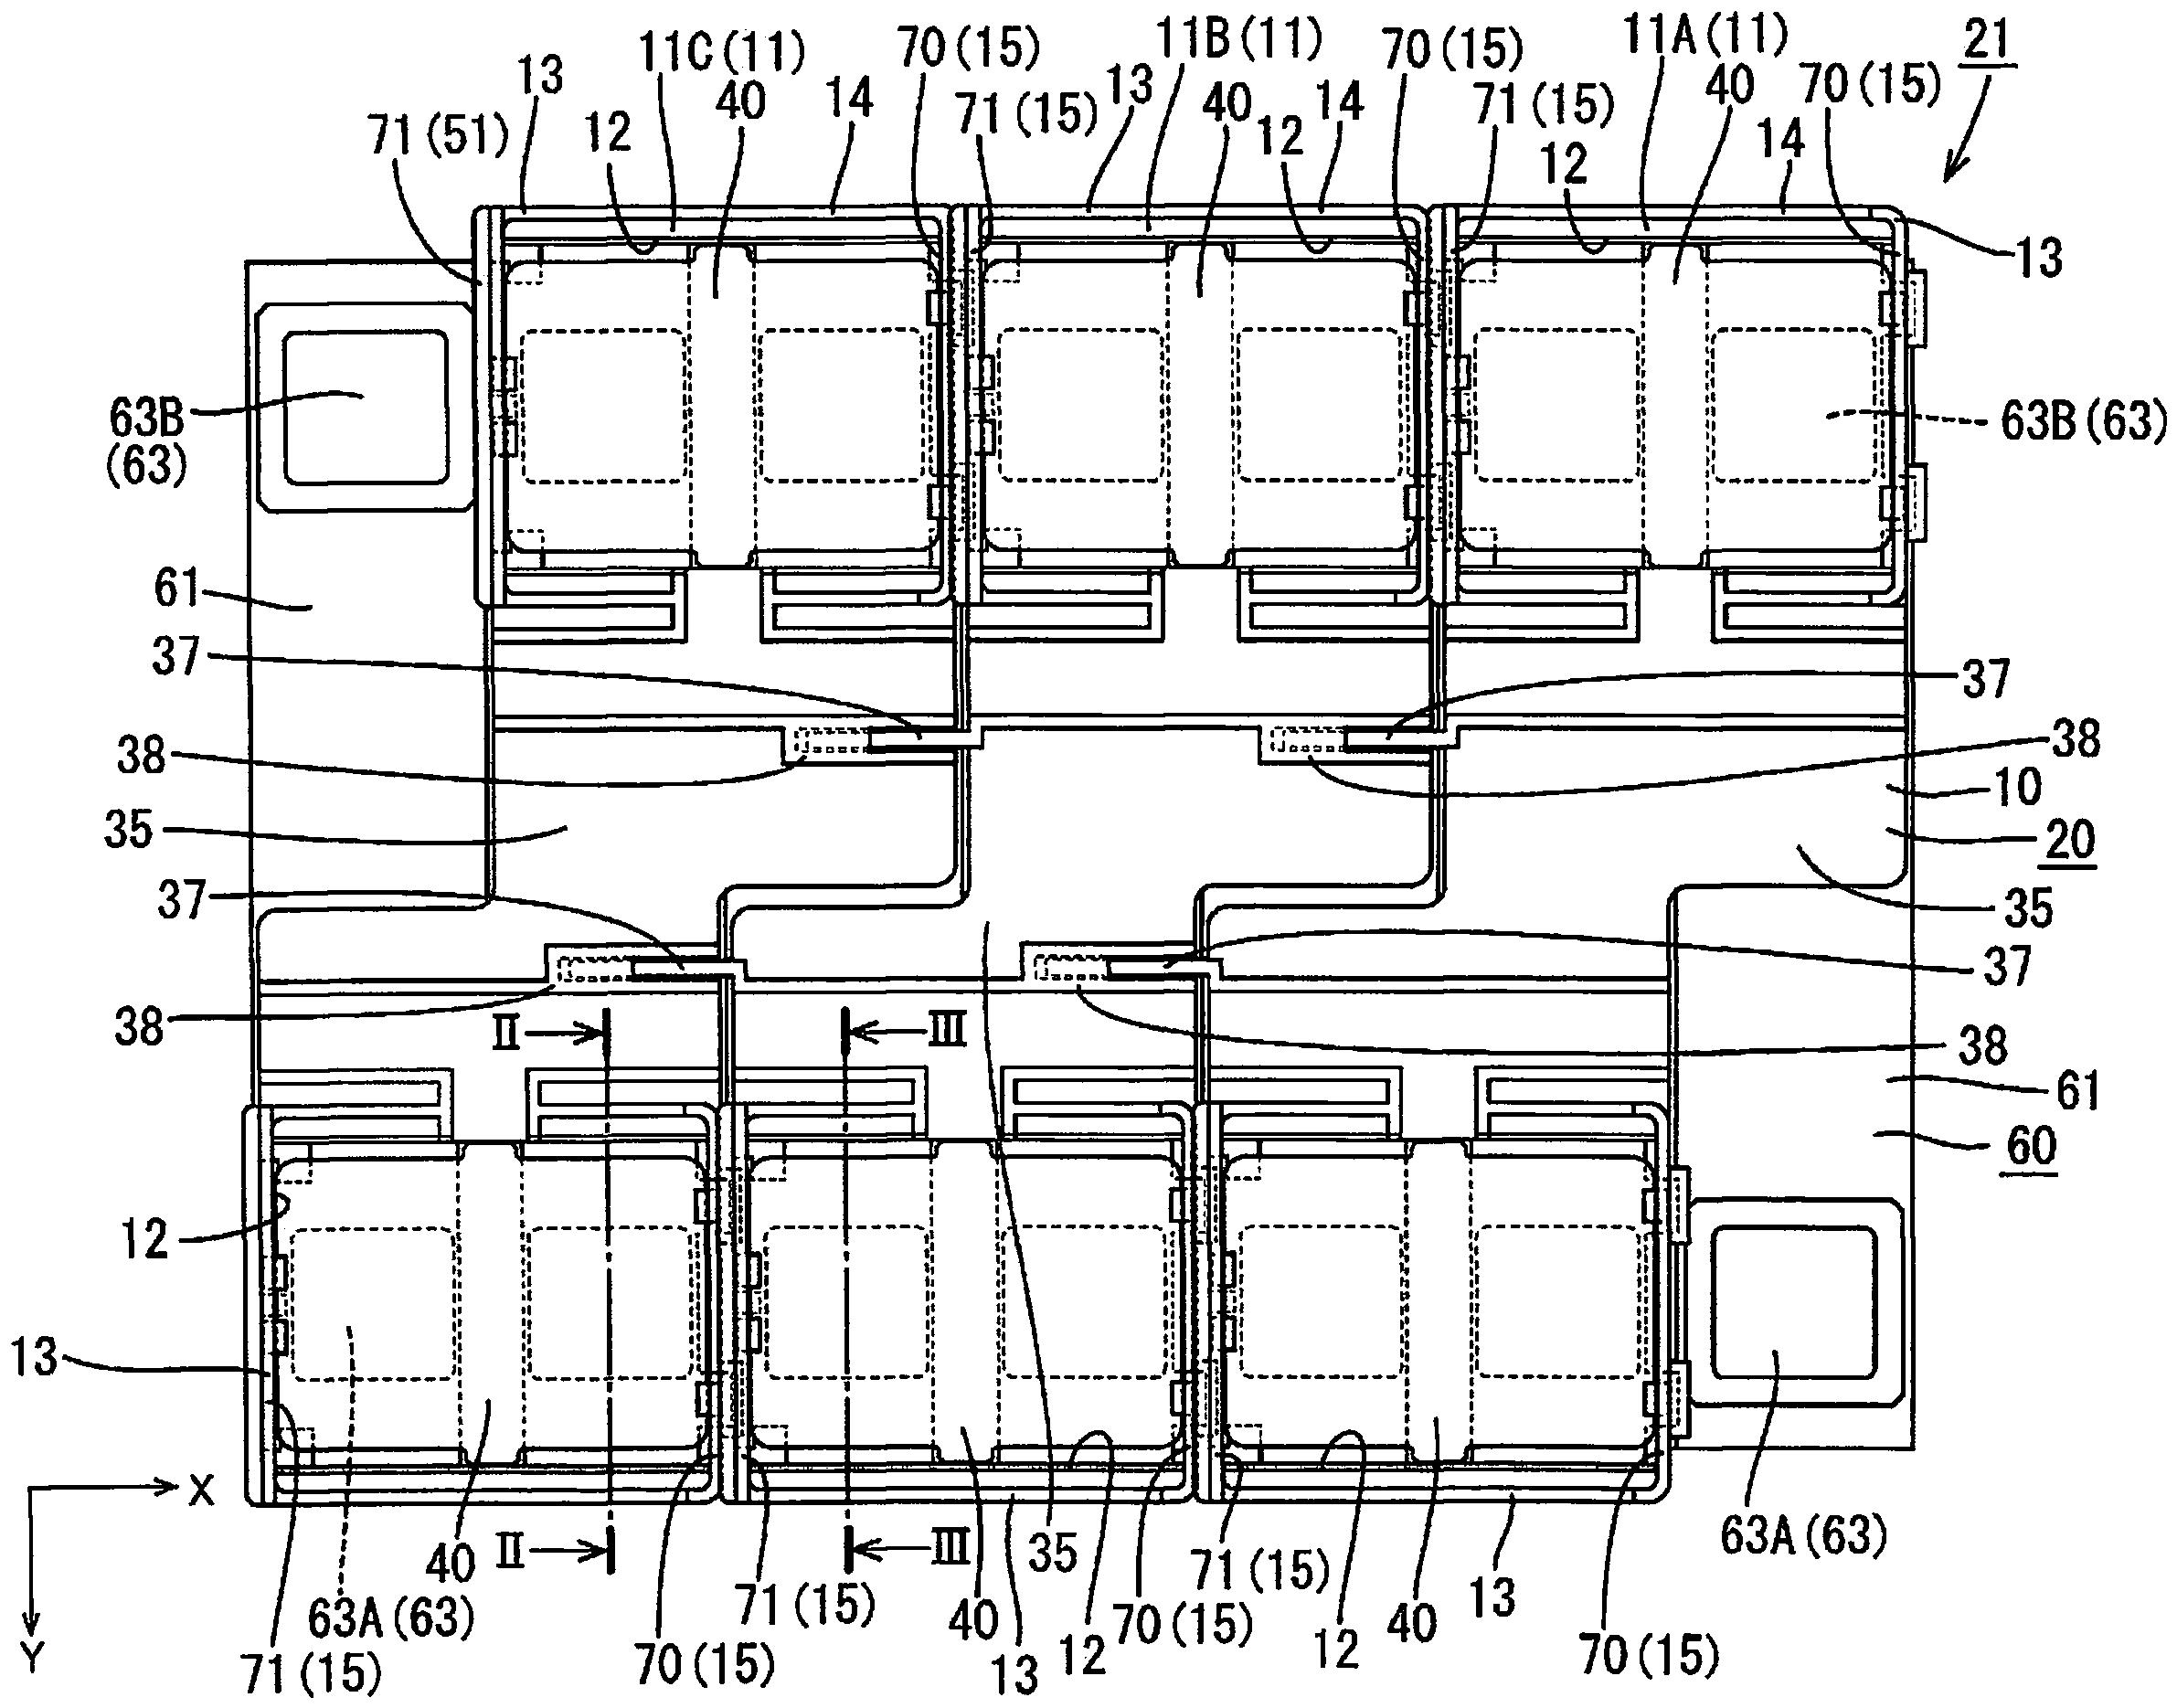 Figure DE112016006096T5_0000